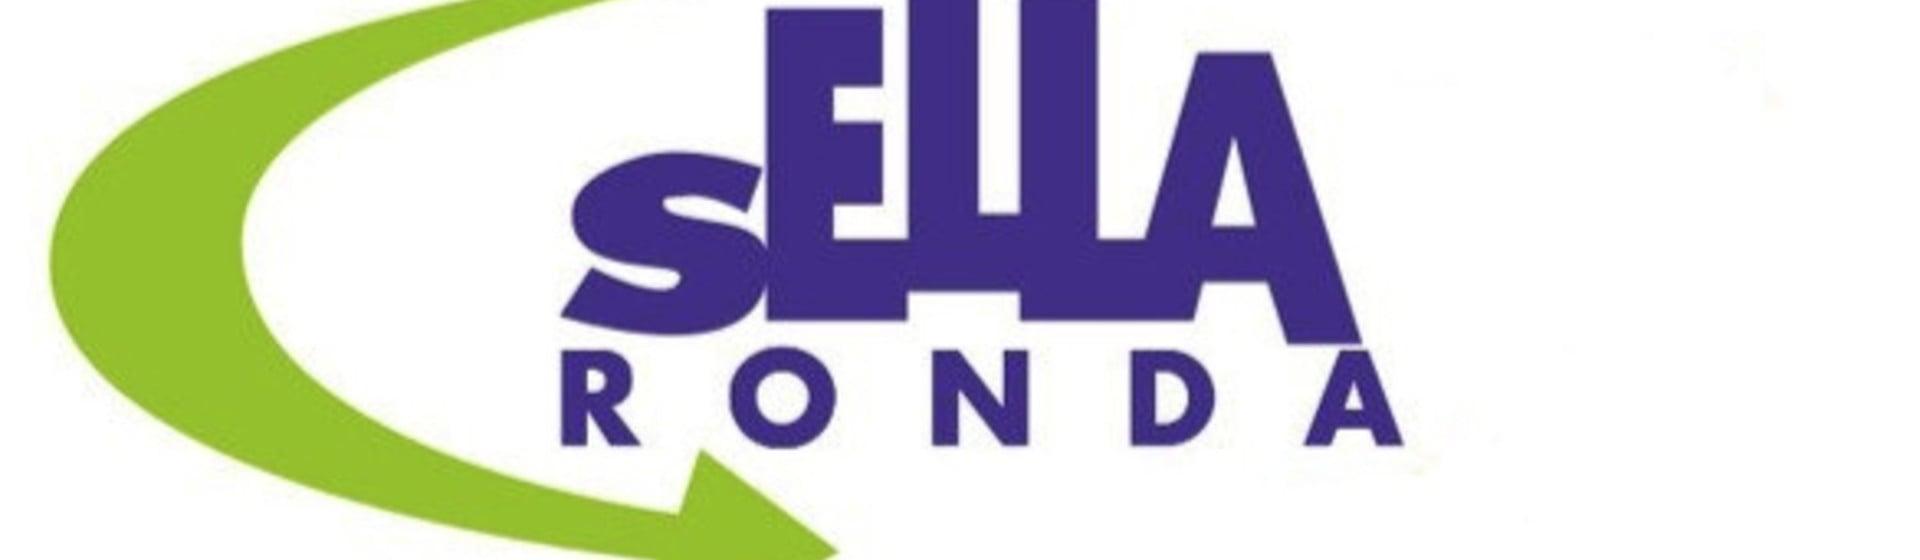 Ab Morgen, 06.12.17 Sellaronda gegen den Uhrzeigersinn und Verbindung zur Marmolada geöffnet